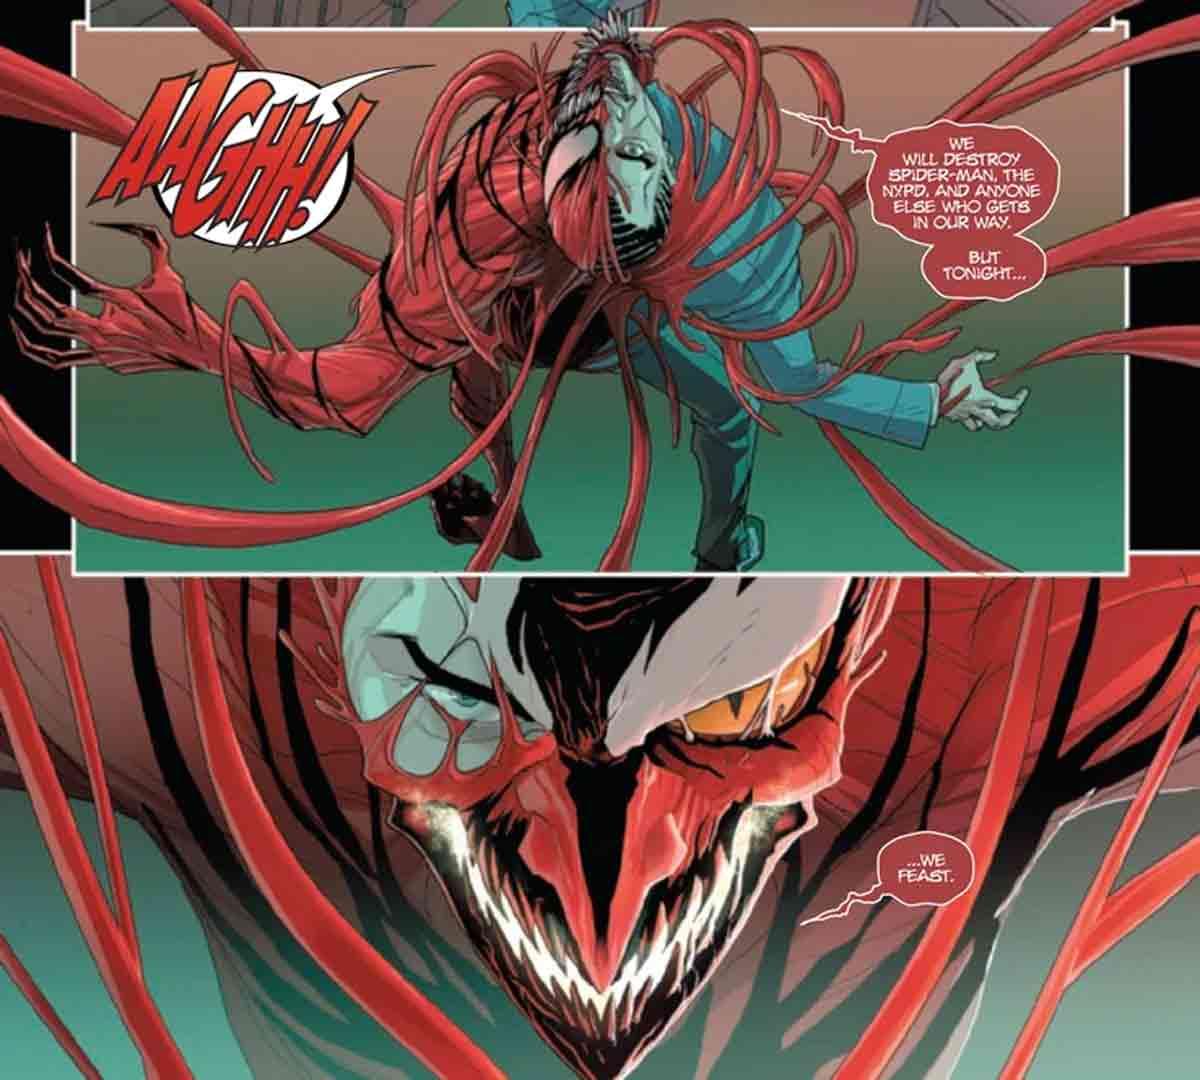 Carnage hace un trato letal con un villano de Marvel